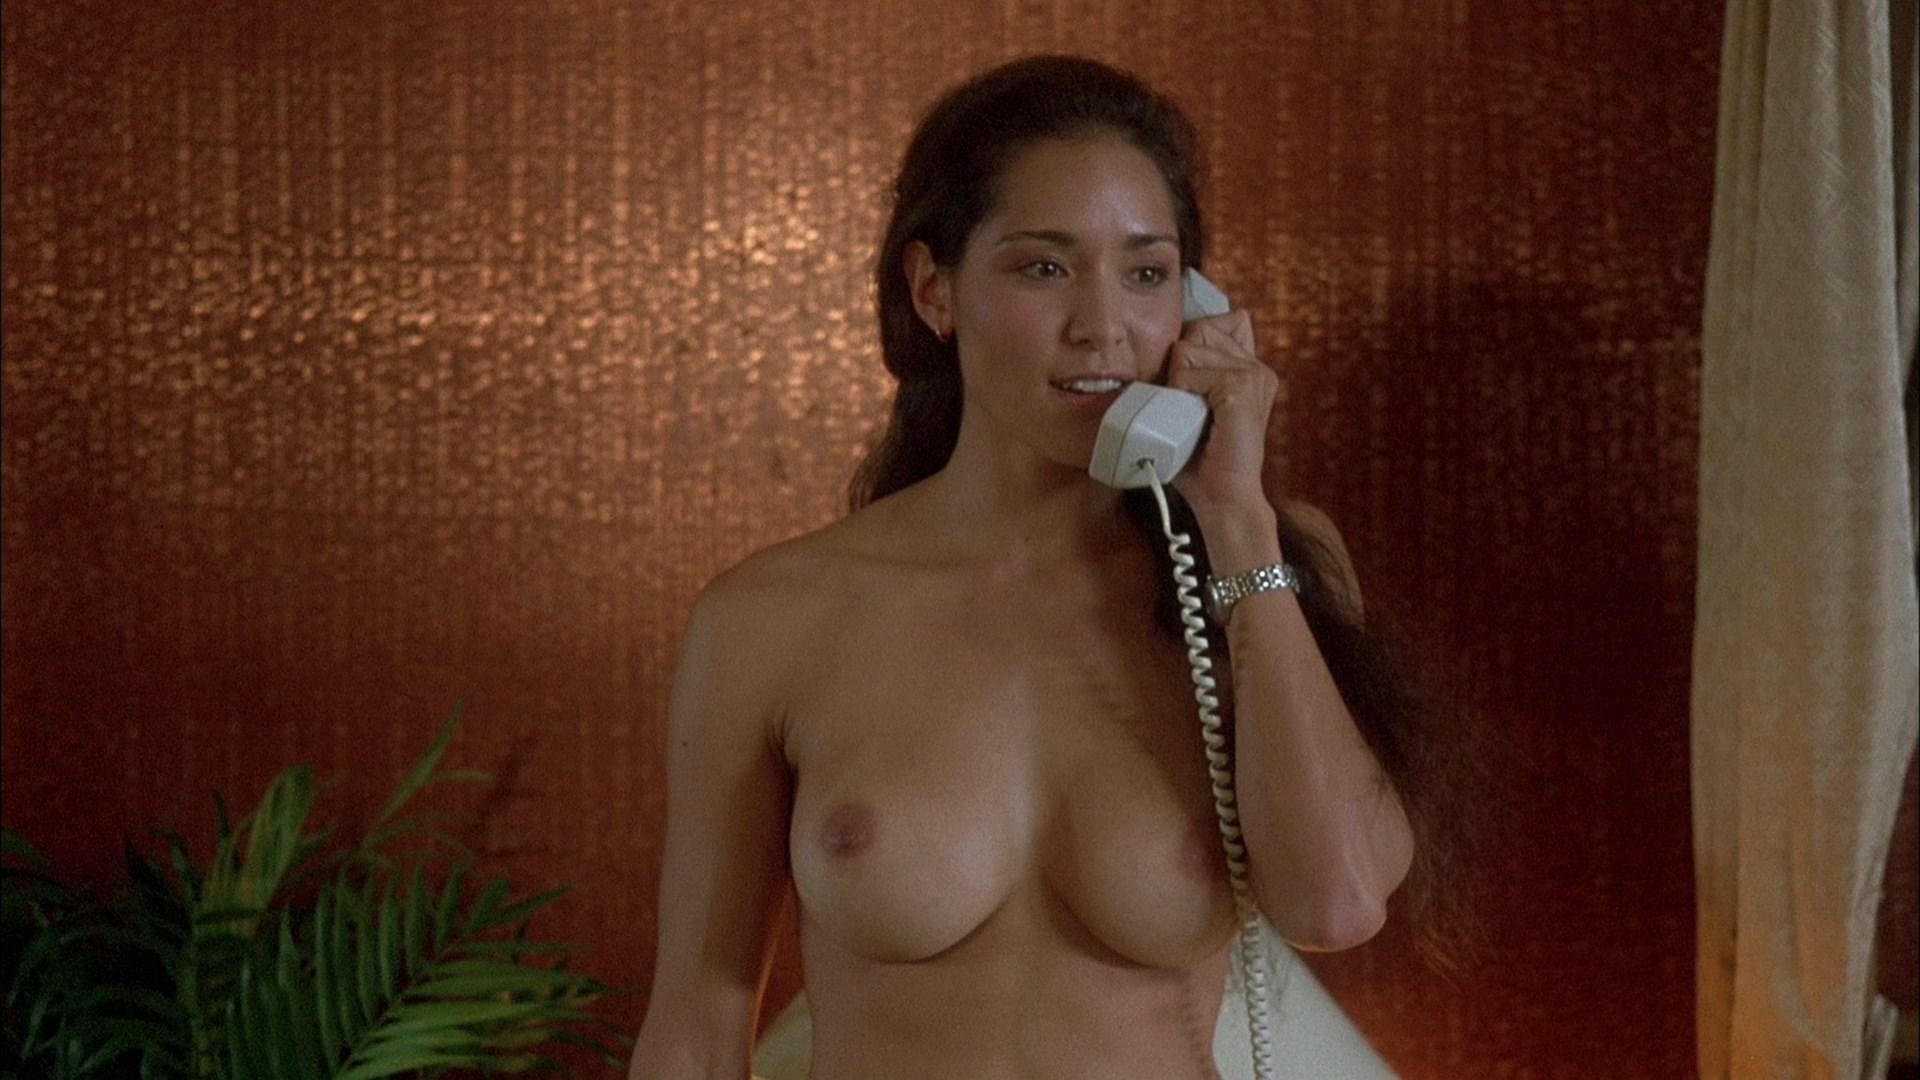 Lela rochon naked